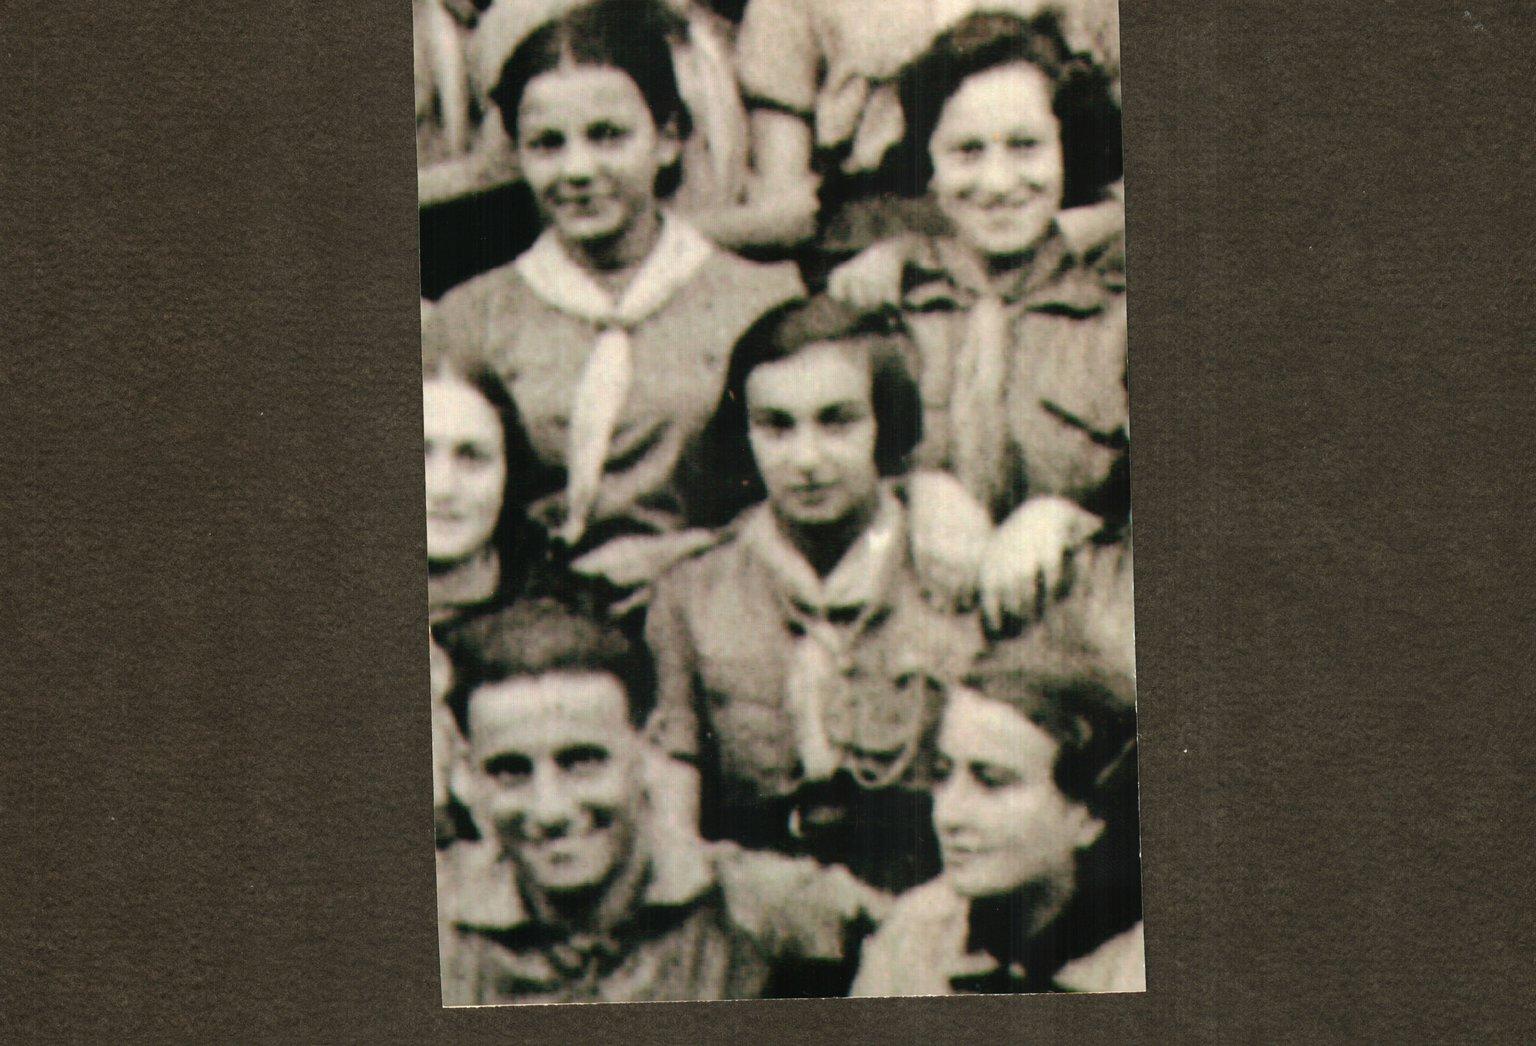 Dagboekschrijfster Elsa Binder (midden) uit Polen. In het Joodse getto Stanisławów hield ze een dagboek bij.